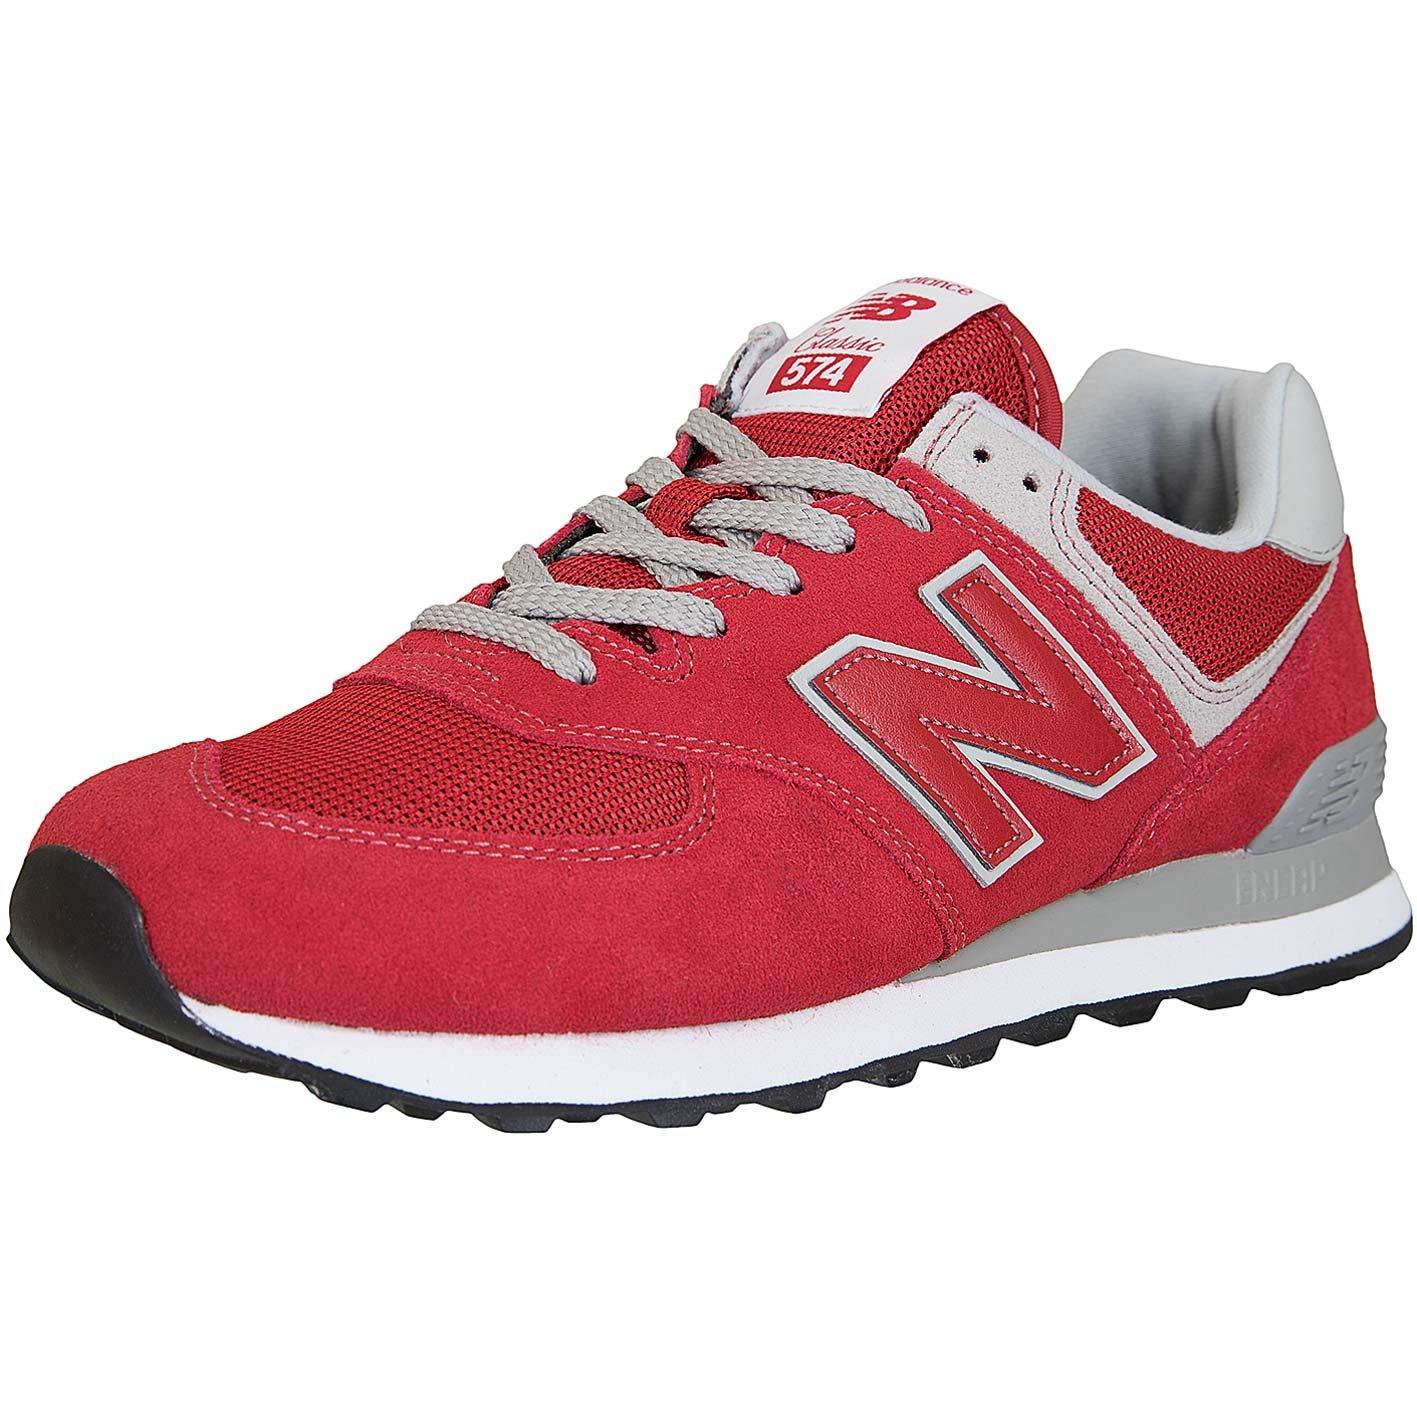 NEWBALANC Zapatillas de Material Sintético Para Hombre 42 EU|Team Red